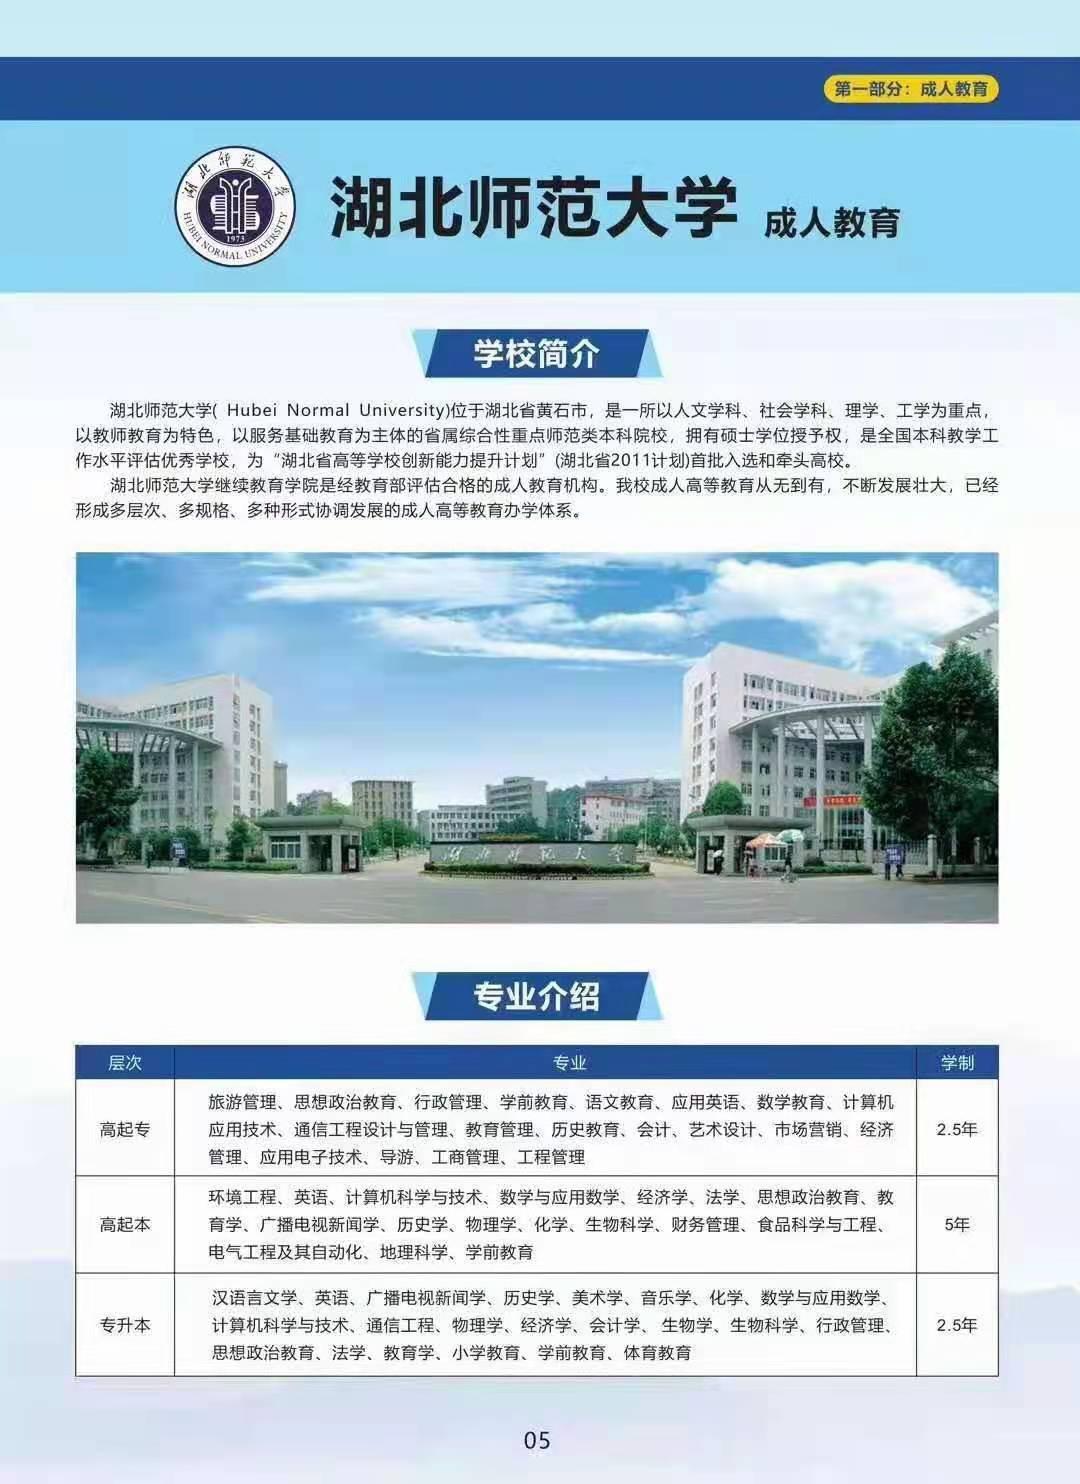 2021年湖北师范大学招生简章,湖北省教育考试院官方公布